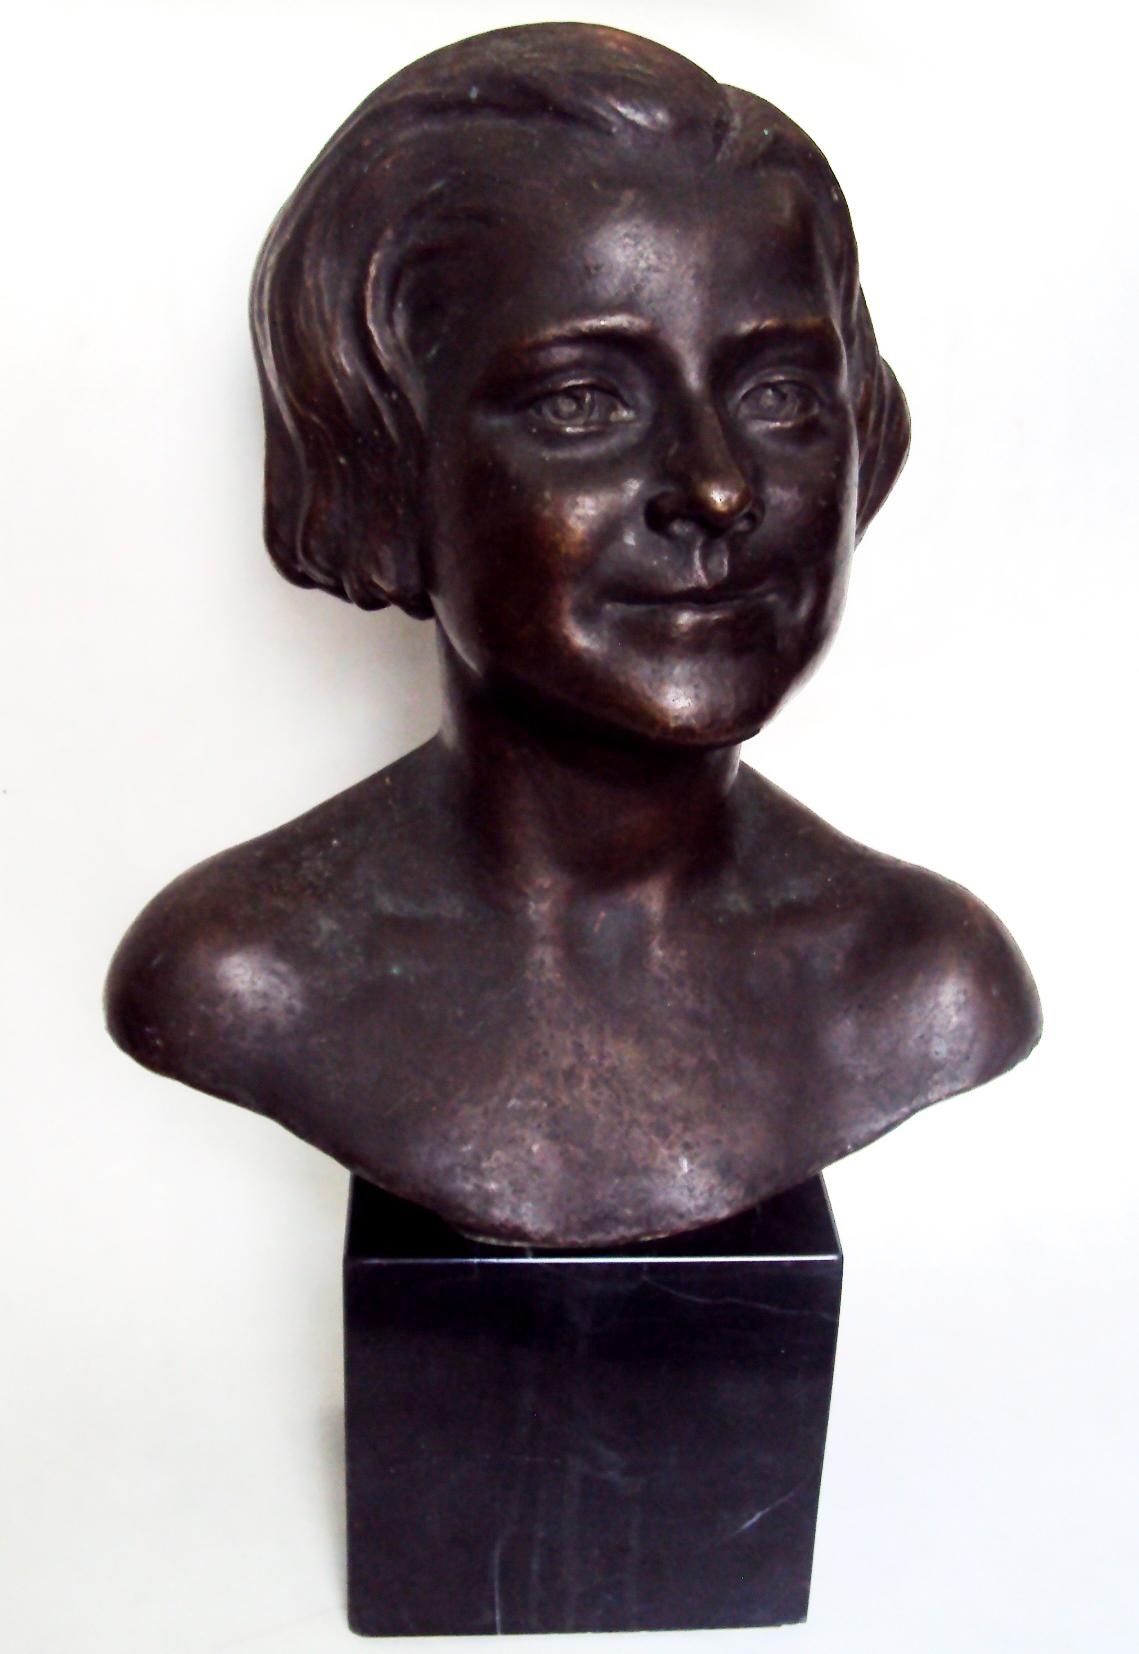 ES 18 – Busto de dama antiga em bronze com base em mármore assinado 1934